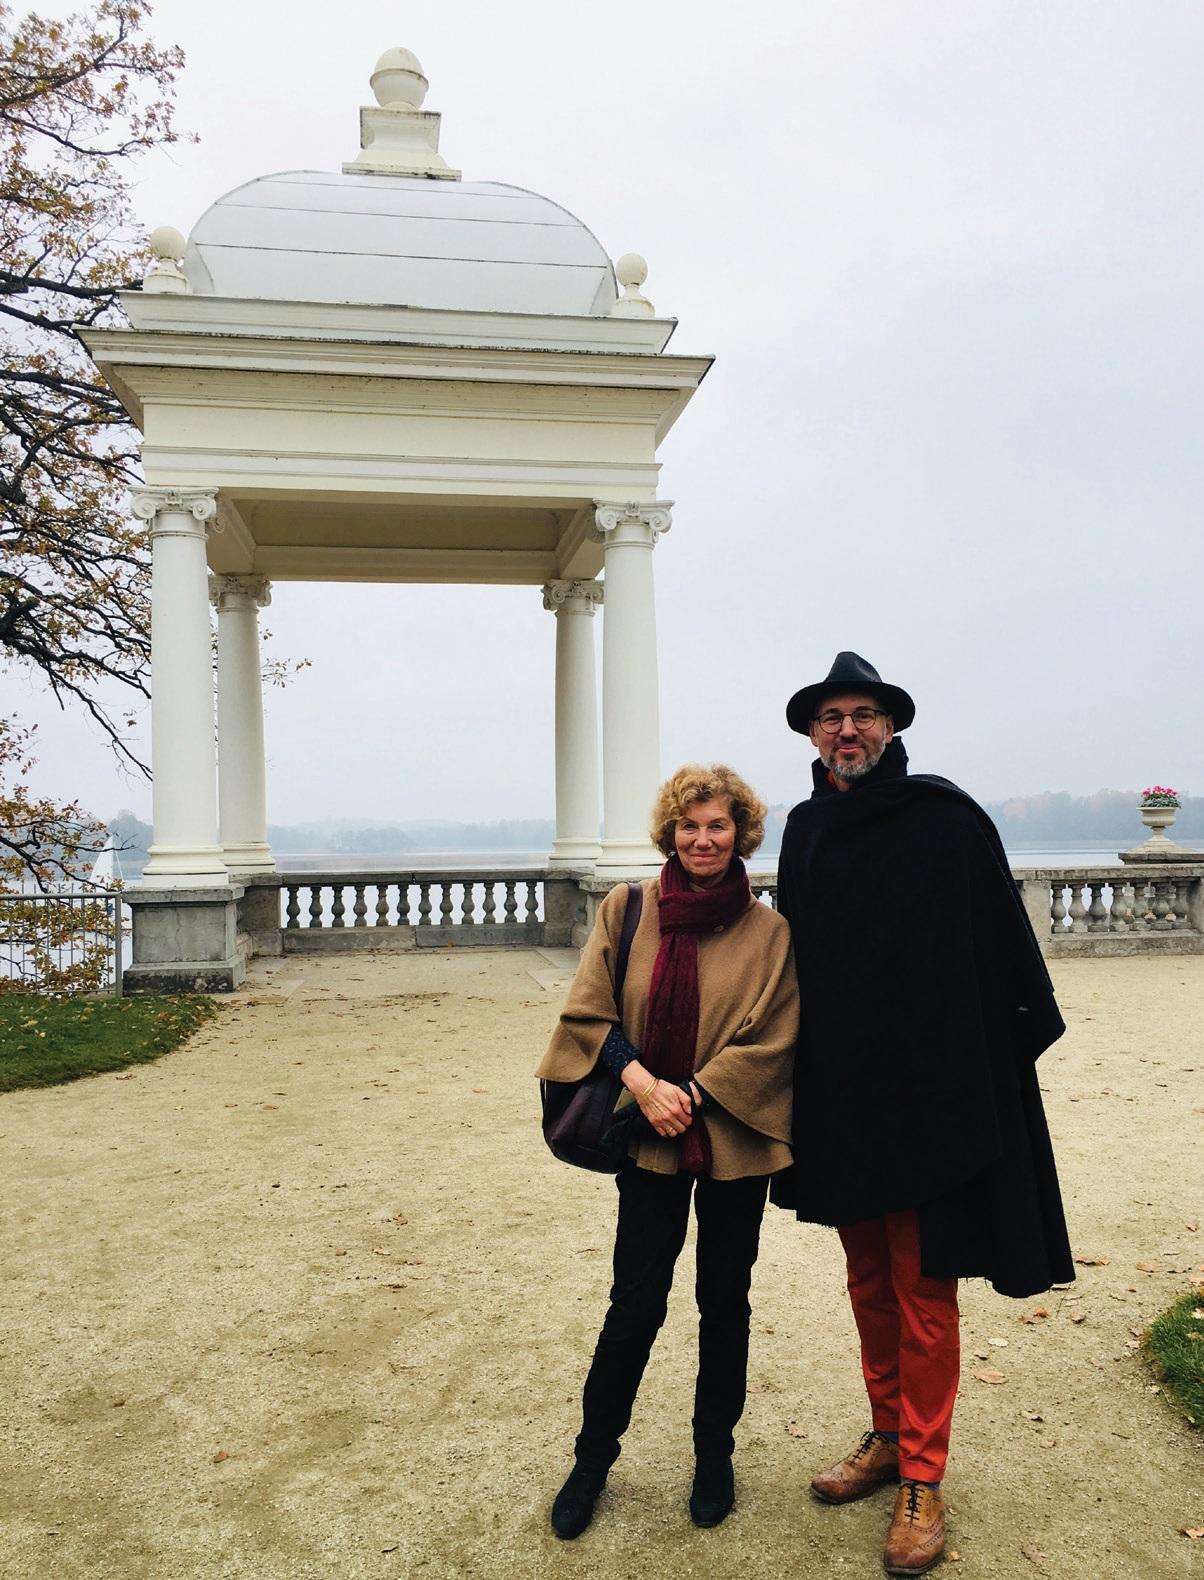 Giedrė Filipavičienė – viena iš Užutrakio dvaro rūmų architekčių-restauratorių su šio straipsnio autoriumi. Iš M. Daraškevičiaus asmeninio albumo, 2018 m.